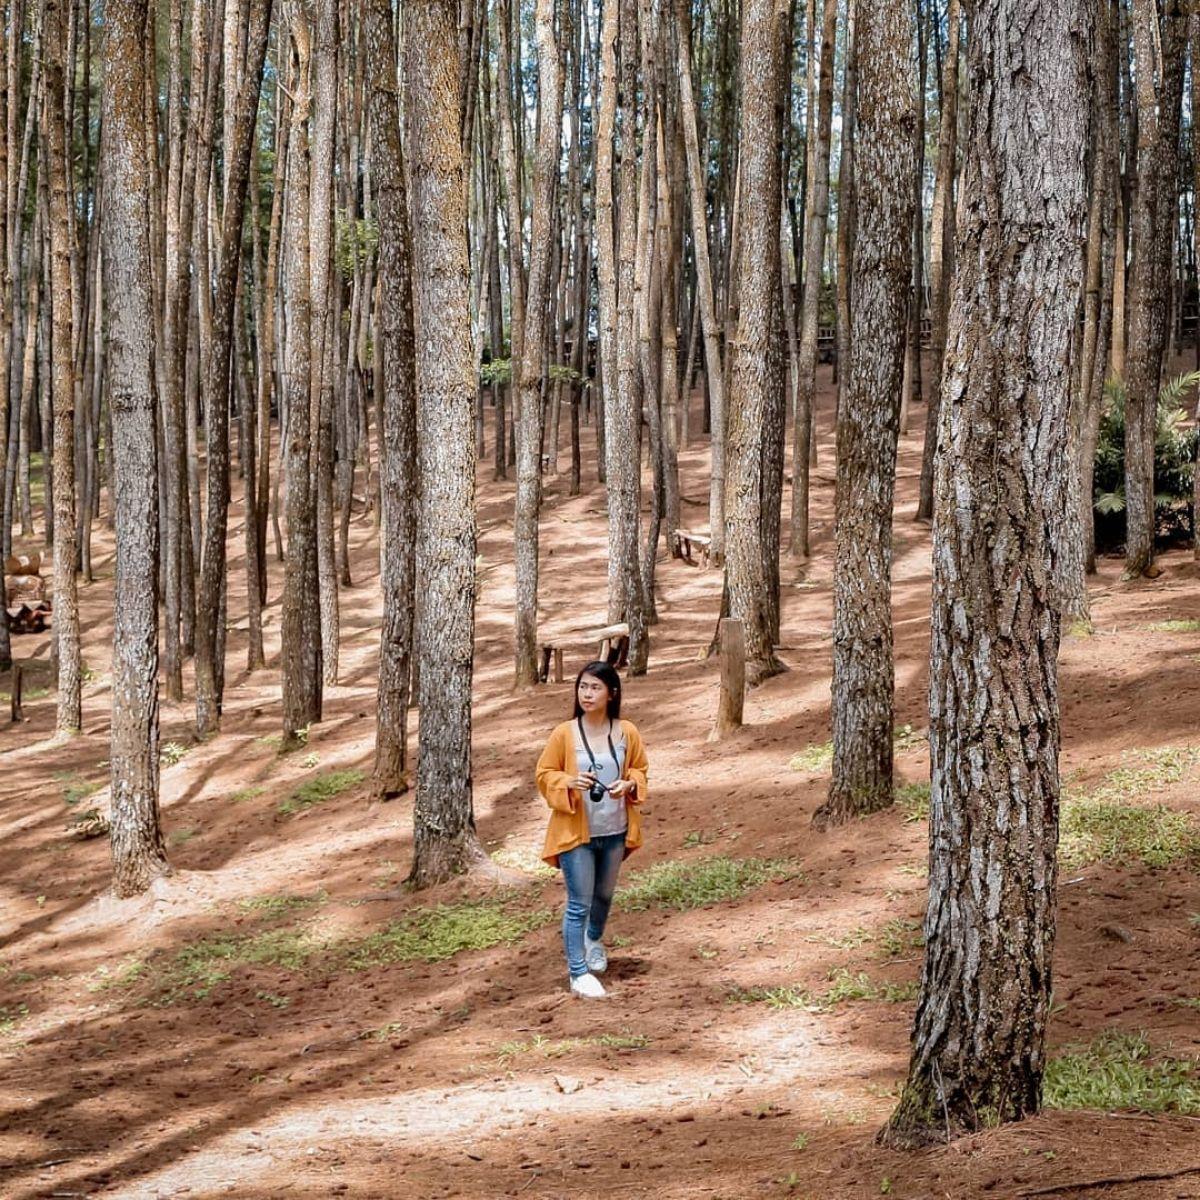 Hutan Pinus Mangunan Bantul Yogyakarta - Instagram syasyaarisya